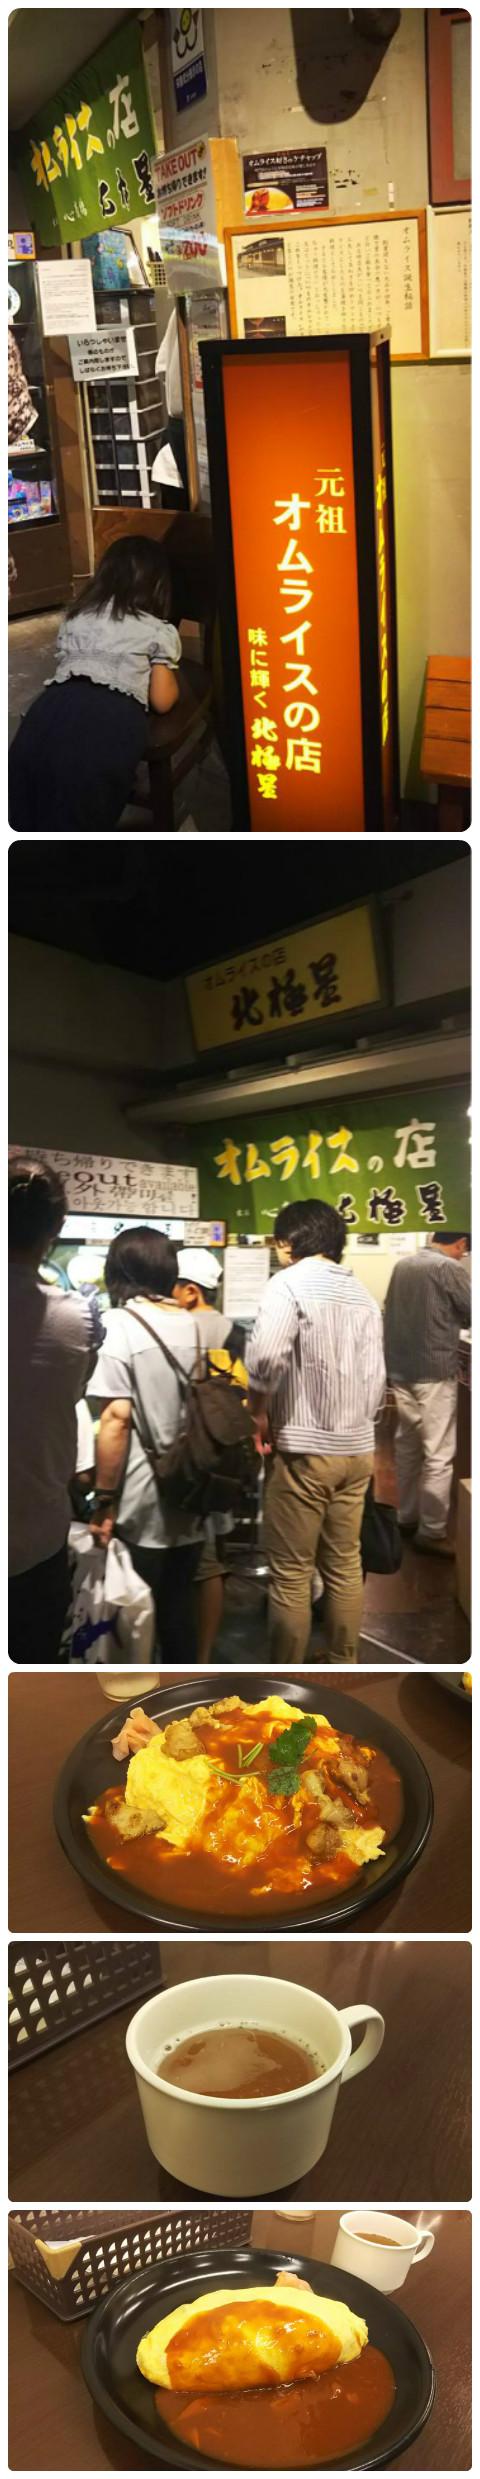 平成29年9月2日天保山マーケット2